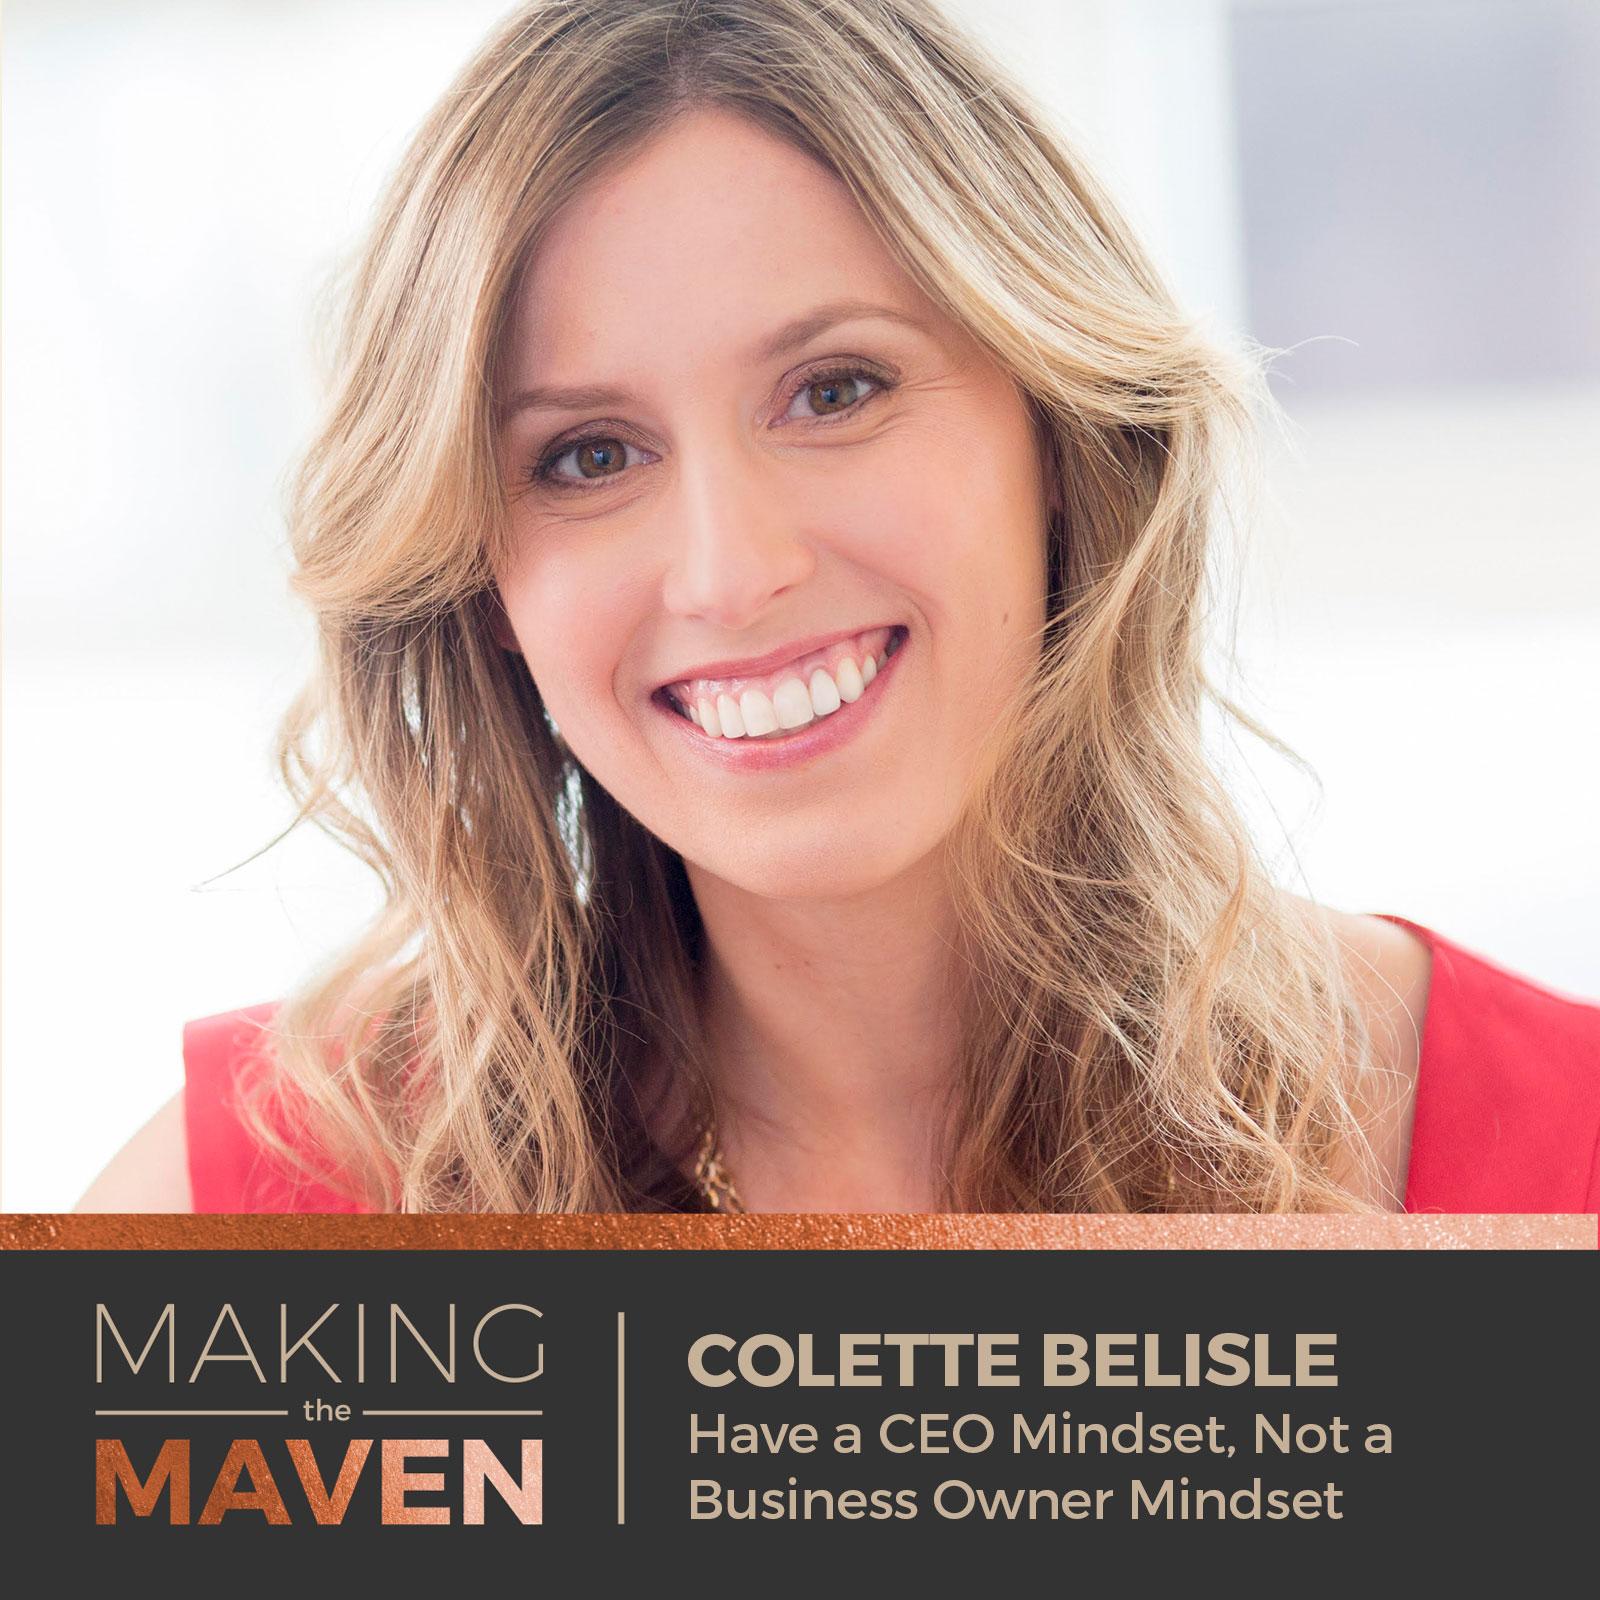 Colette Belisle